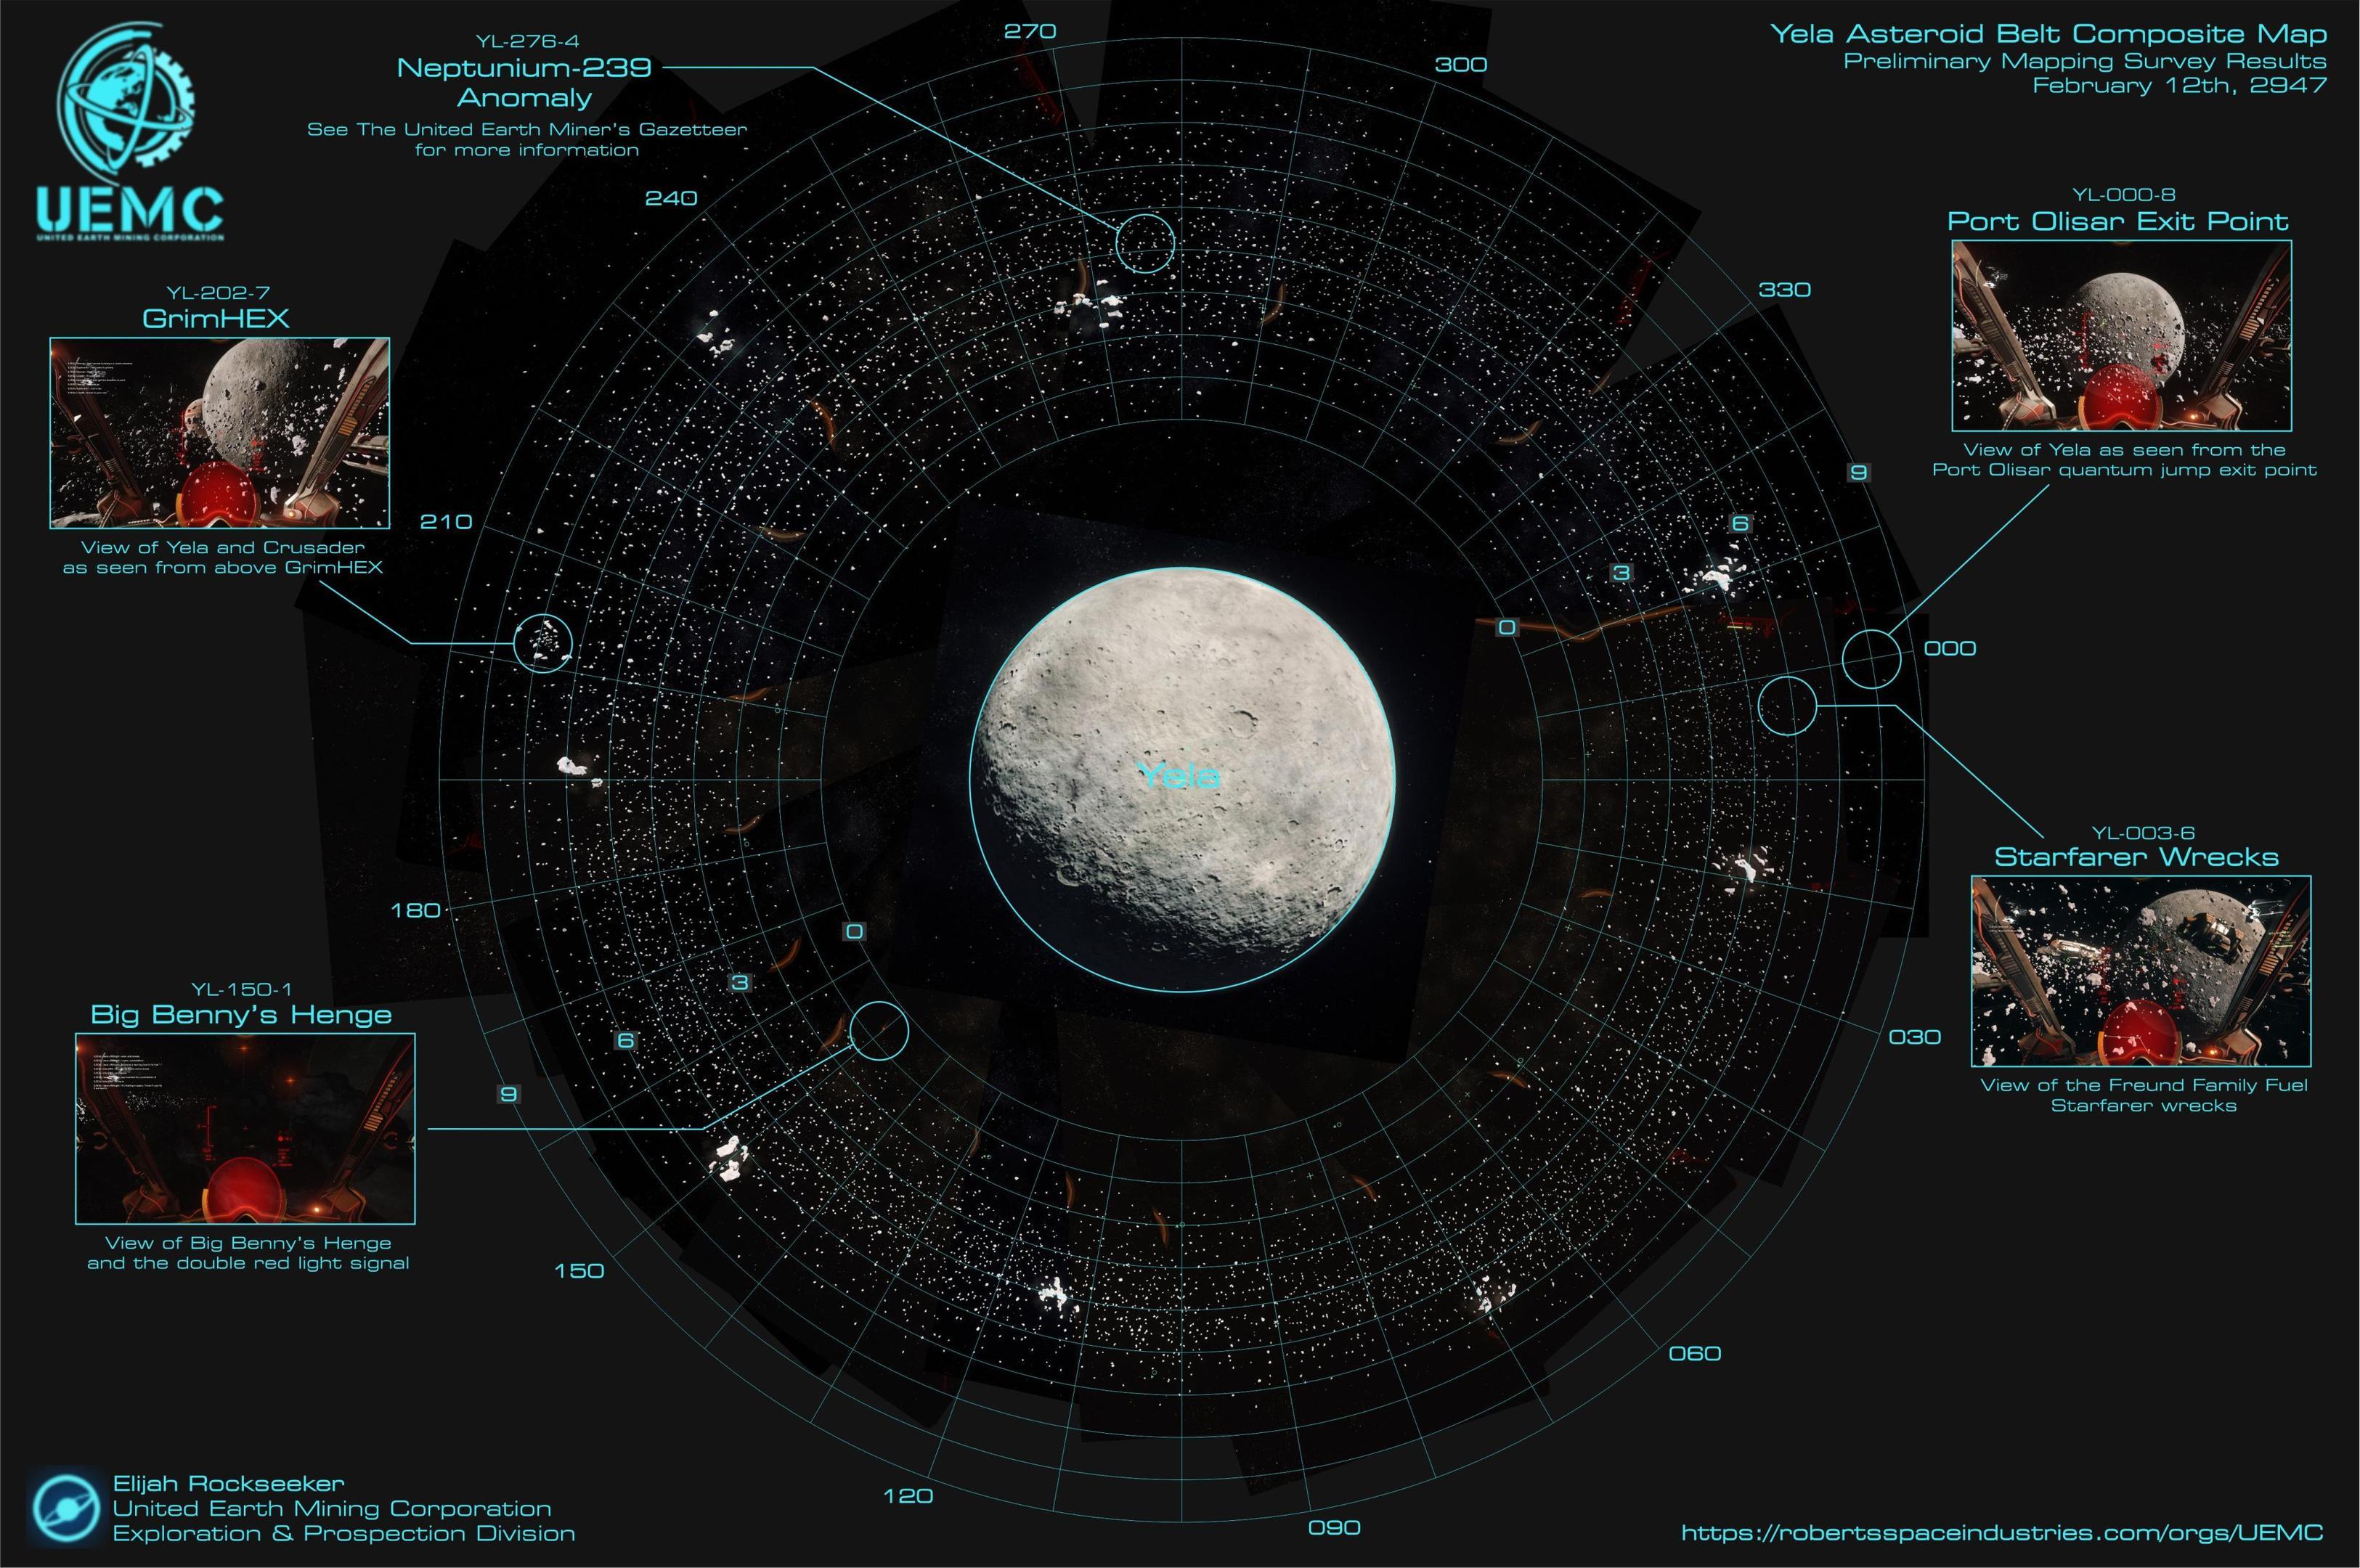 Księżyc Yela w układzie Stanton